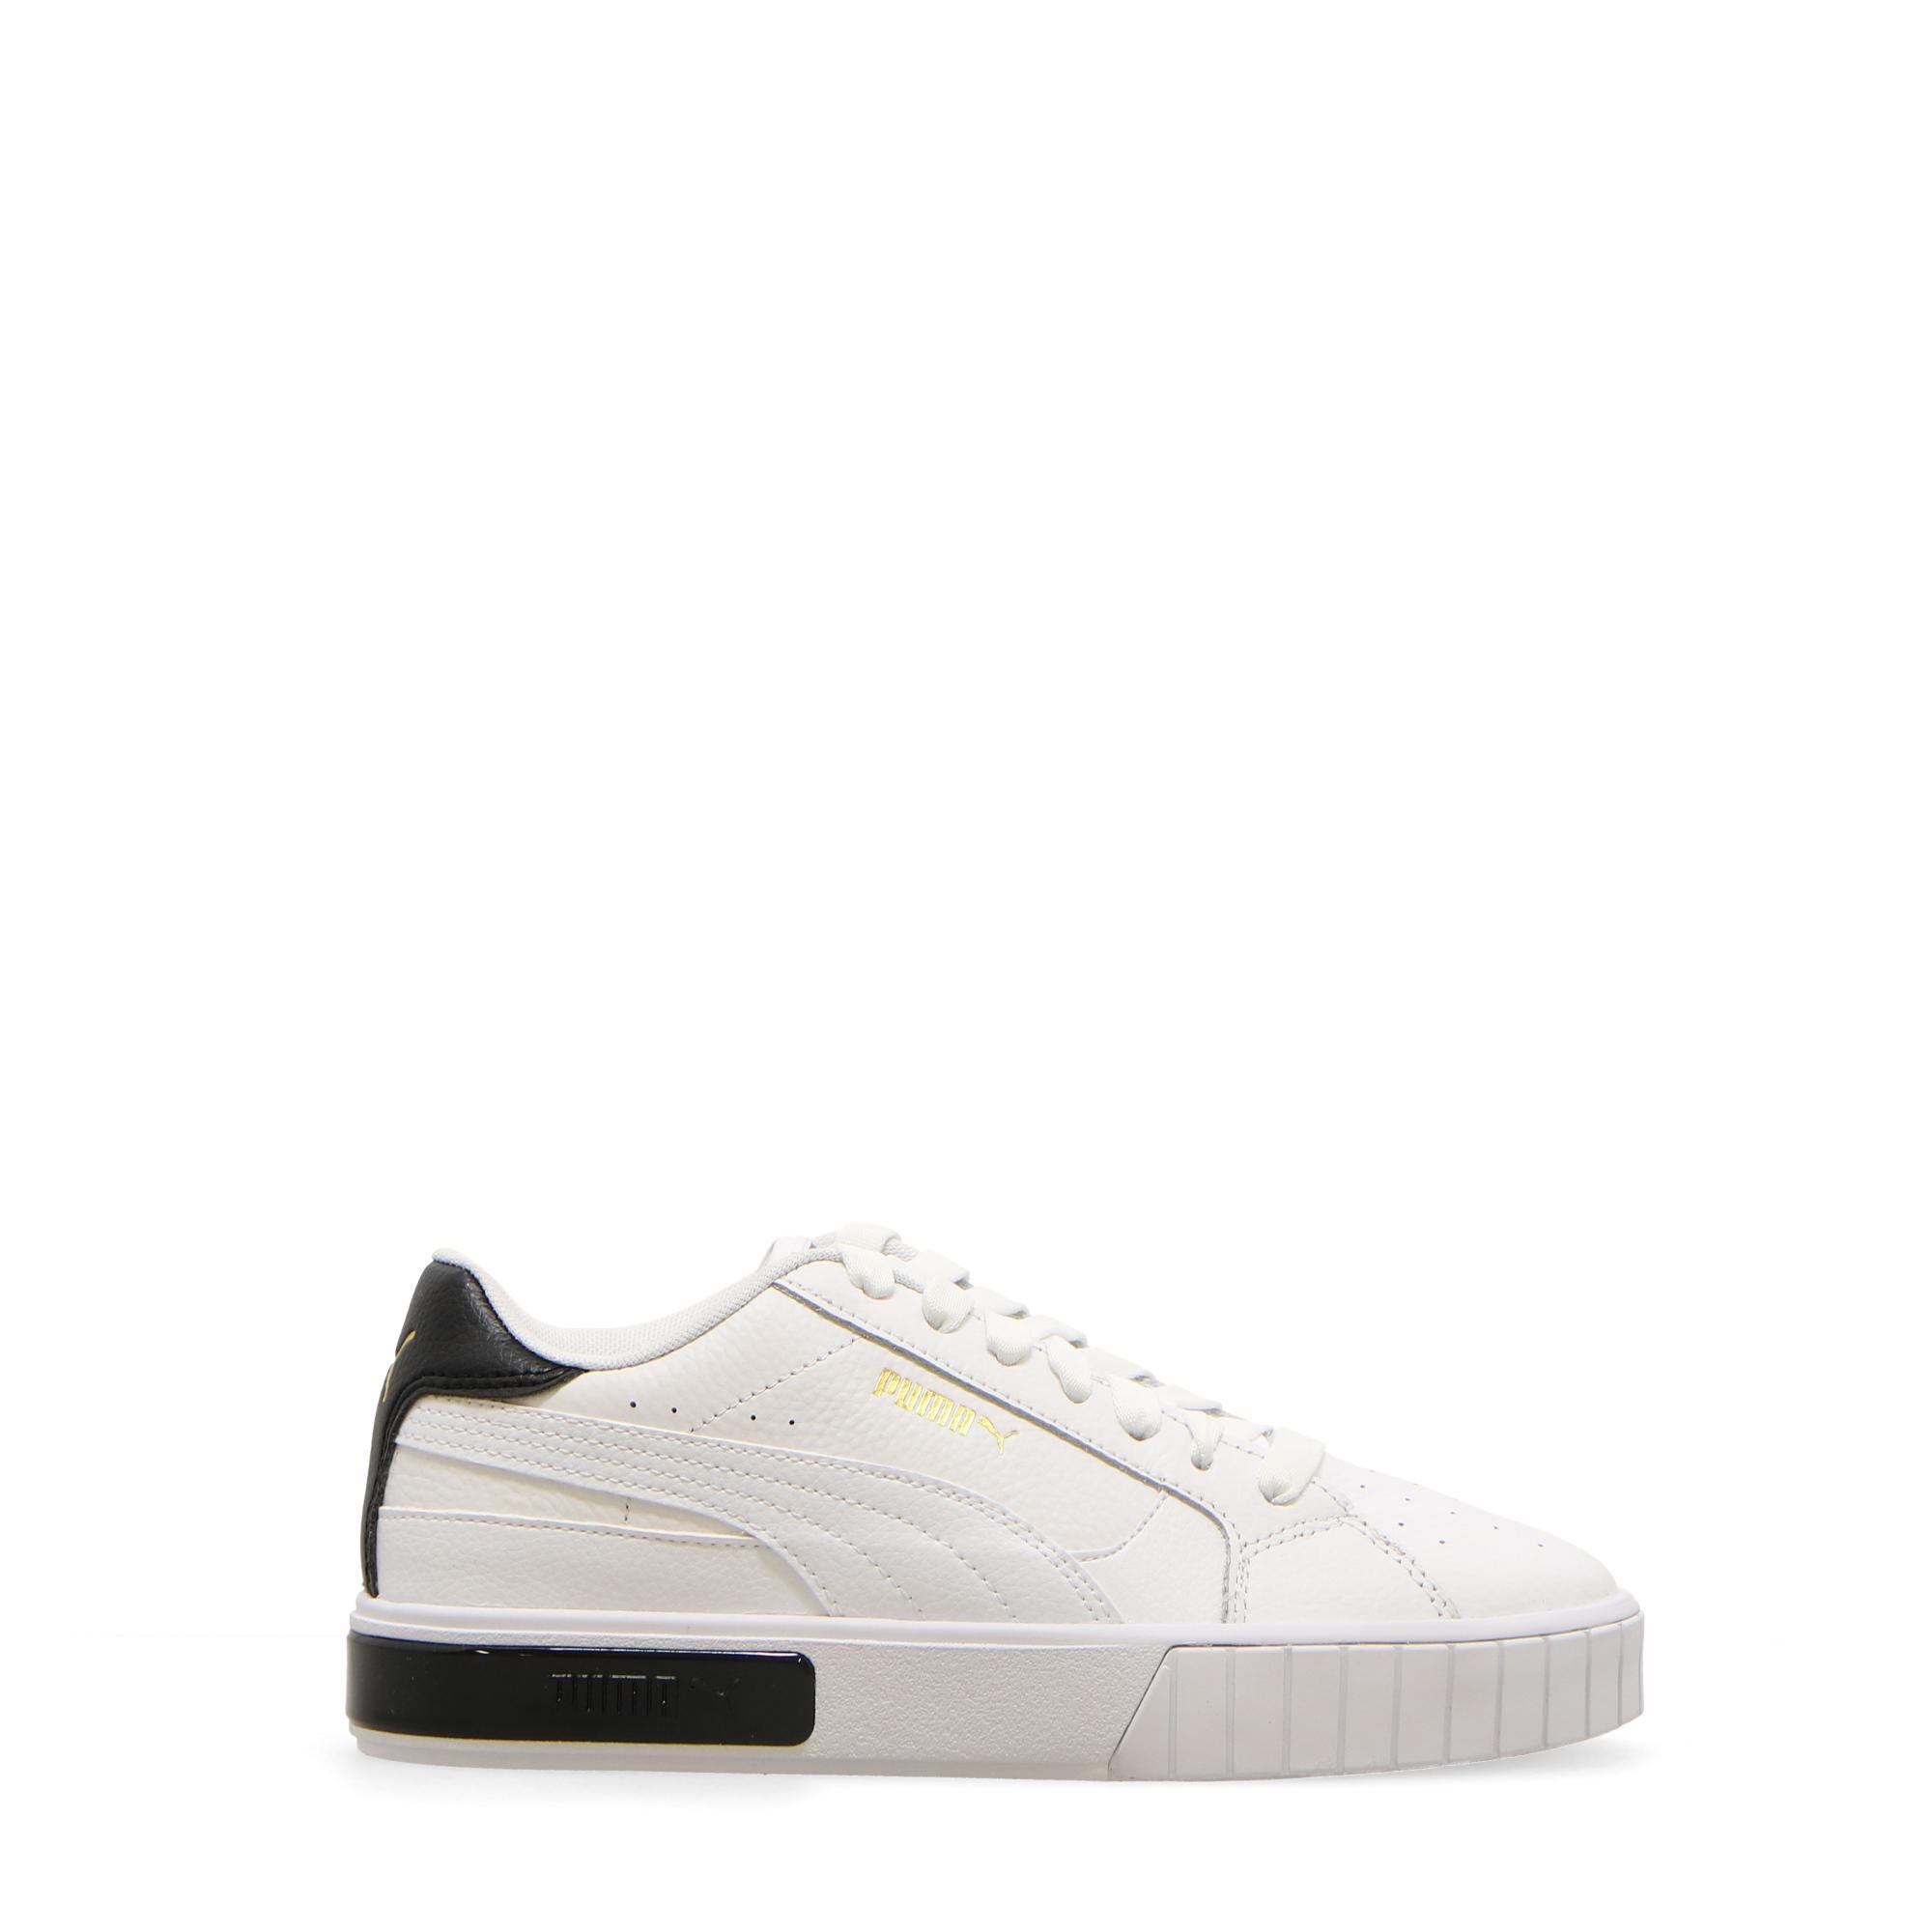 Puma Cali Star Wn's White black